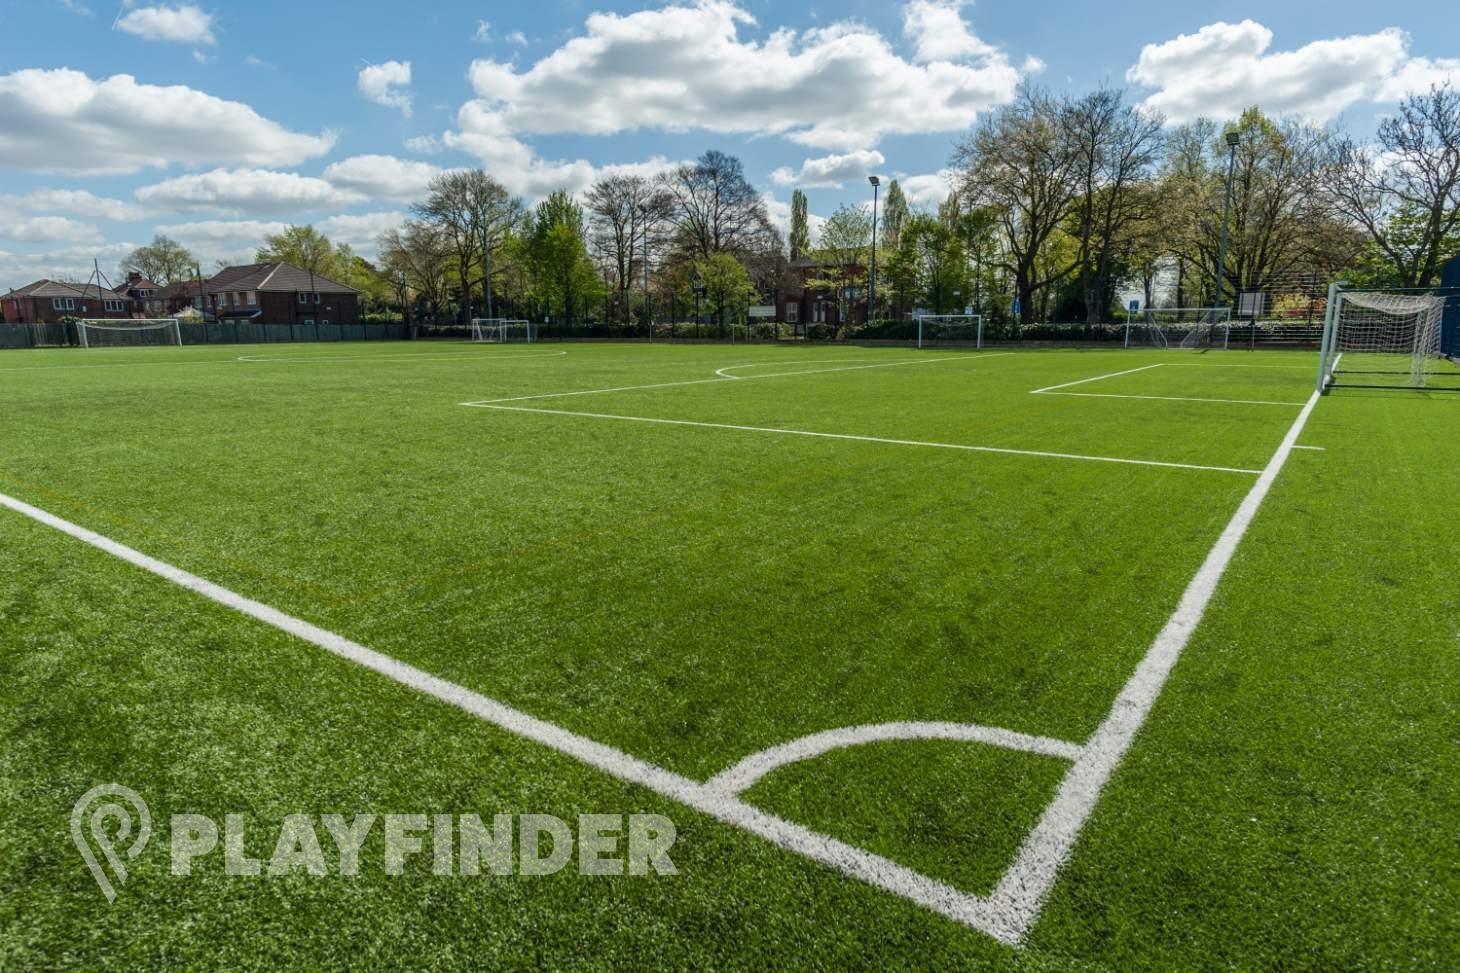 Flixton Girls School 7 a side | 3G Astroturf football pitch